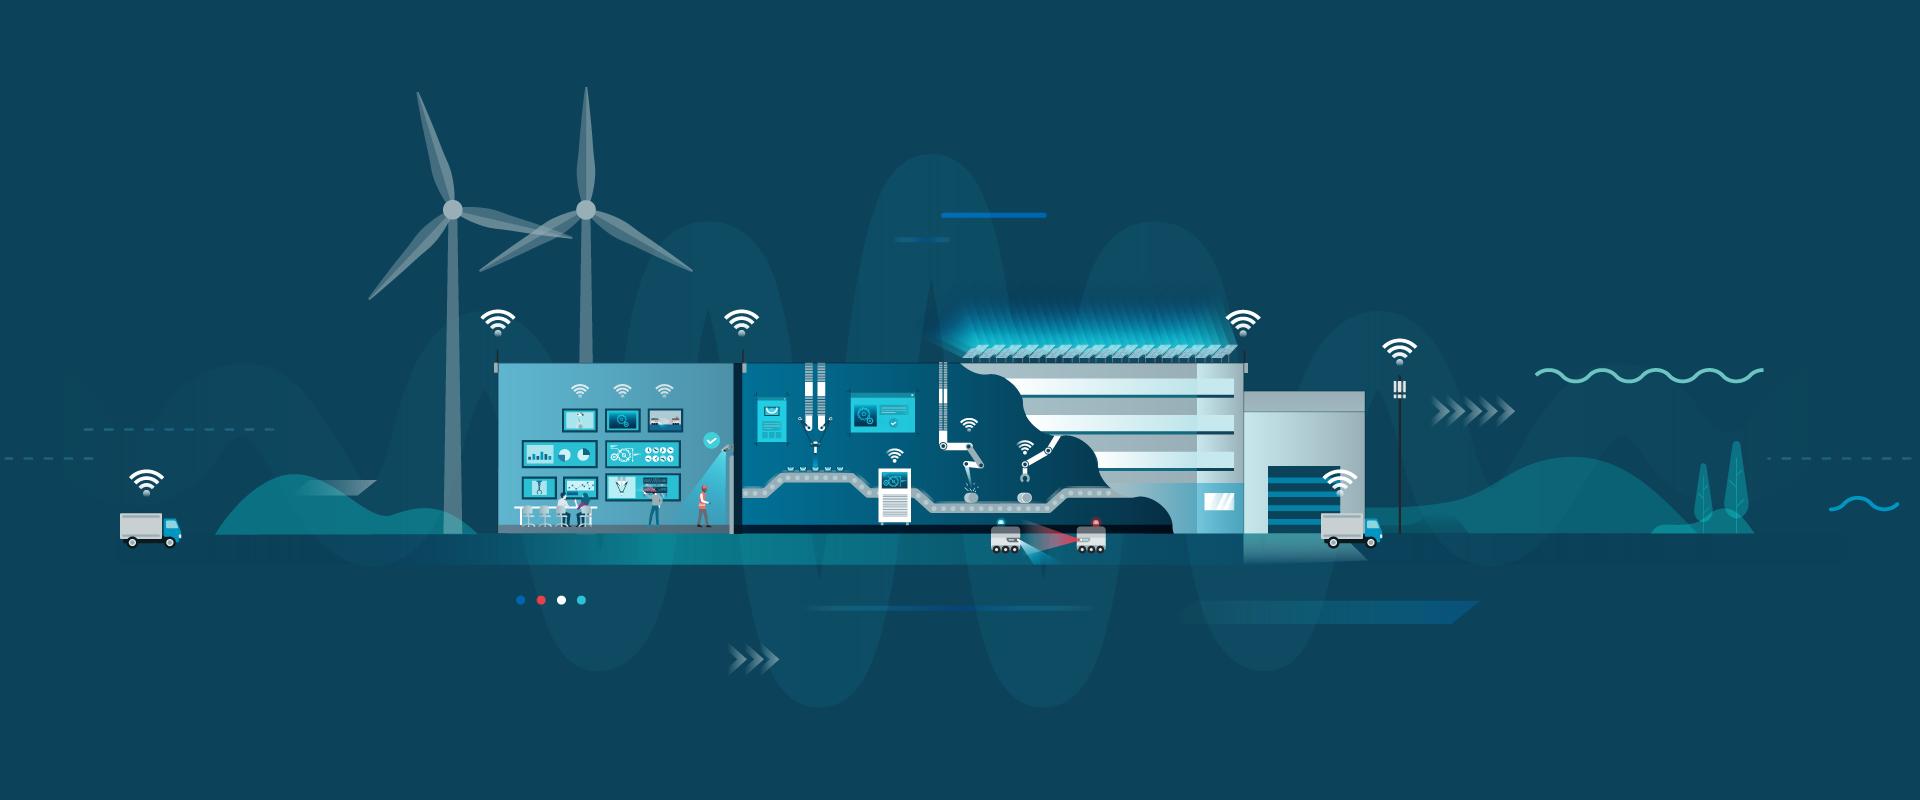 5G zal zorgen voor een transformatie in smart industry en IoT